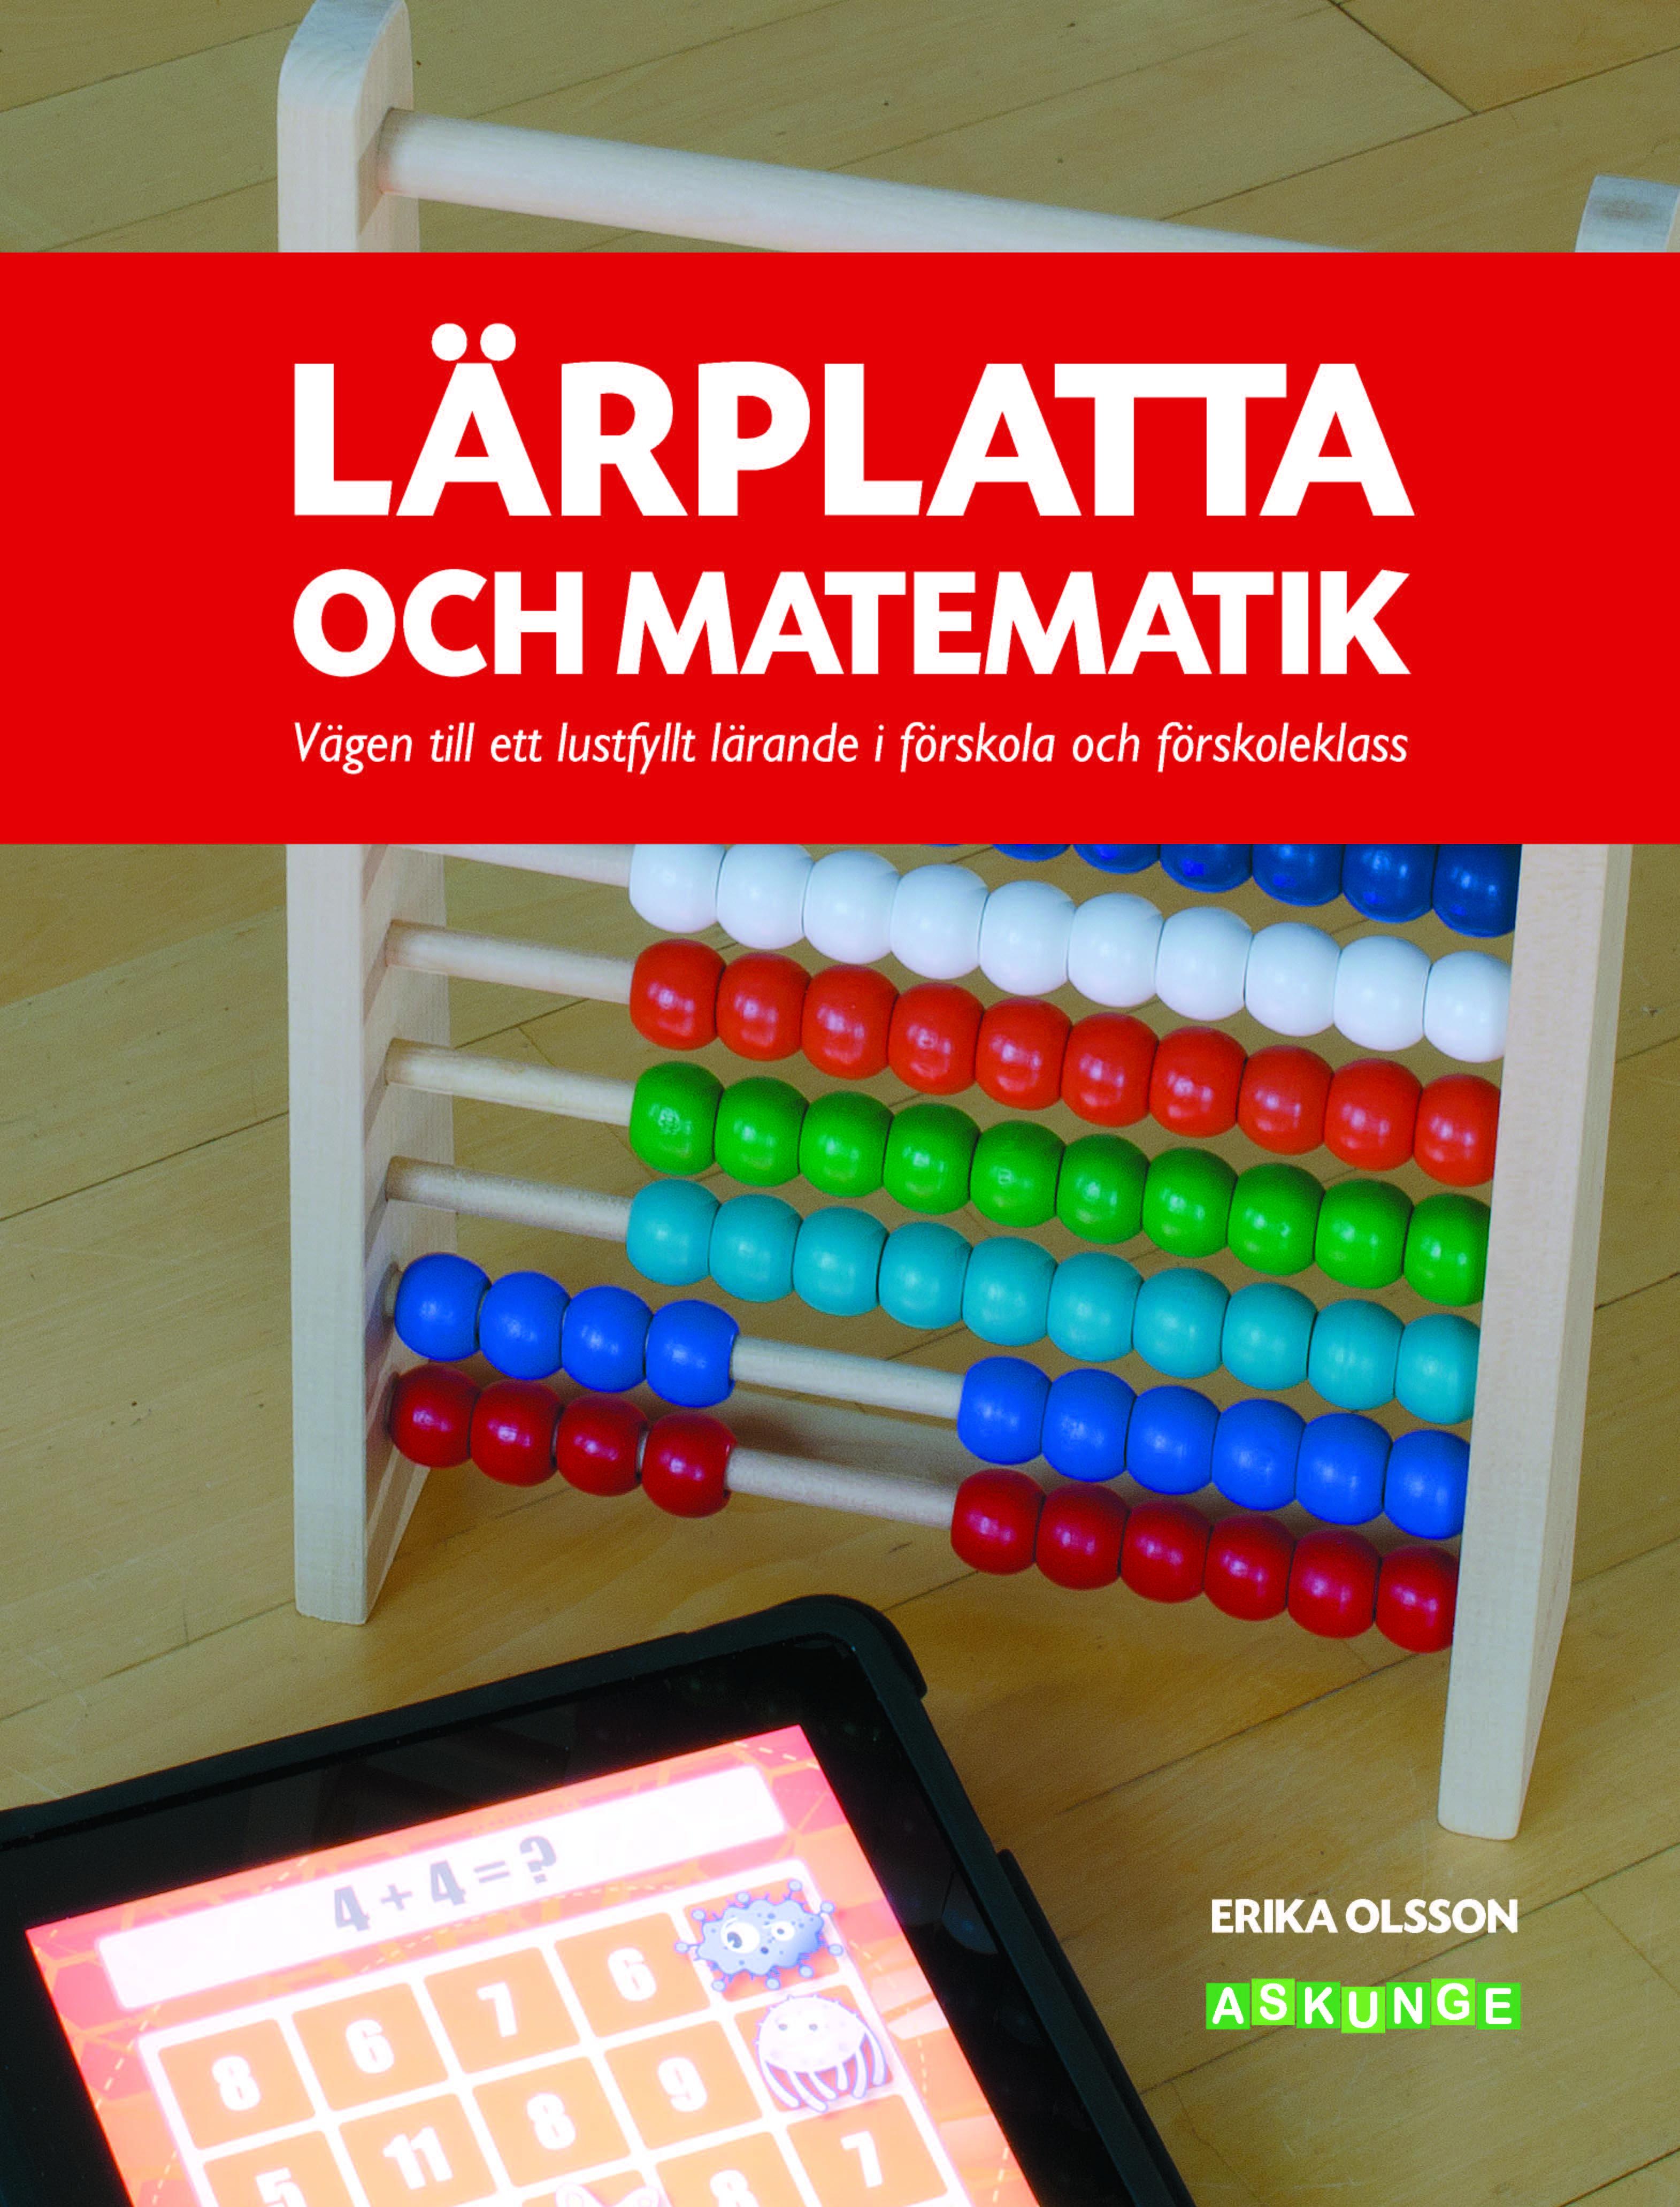 Lärplatta och matematik